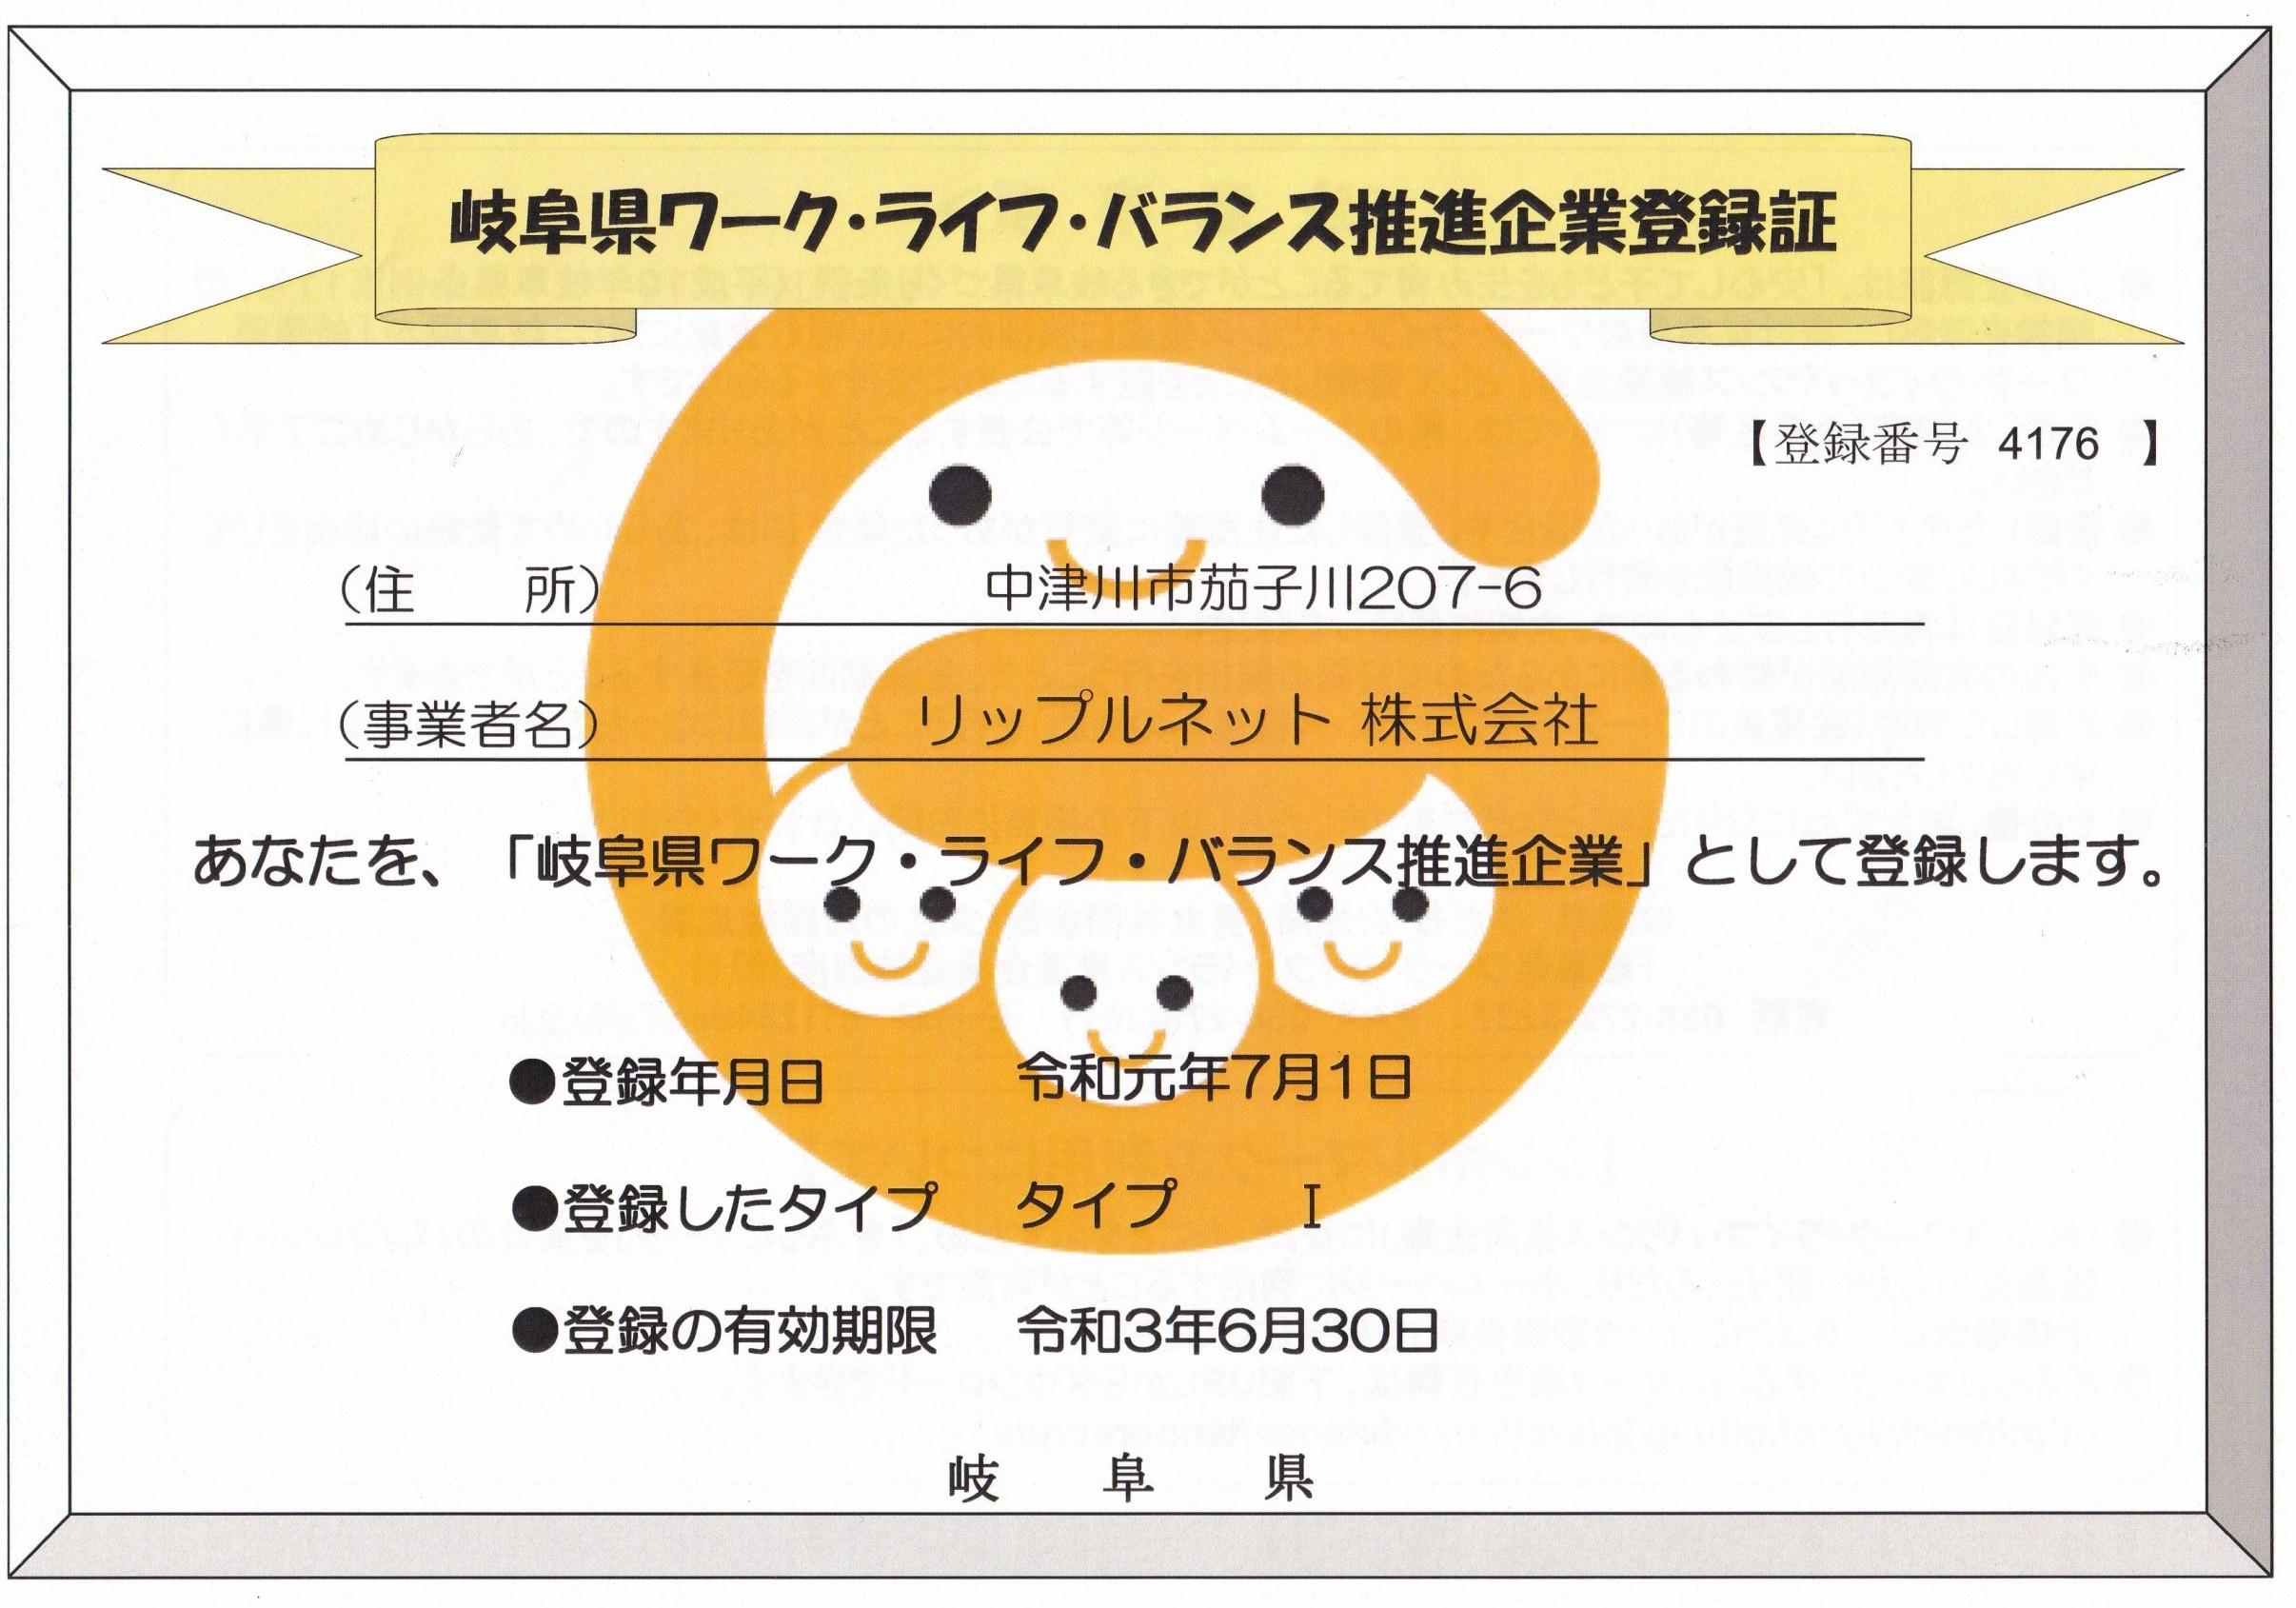 岐阜県ワーク・ライフ・バランス推進企業